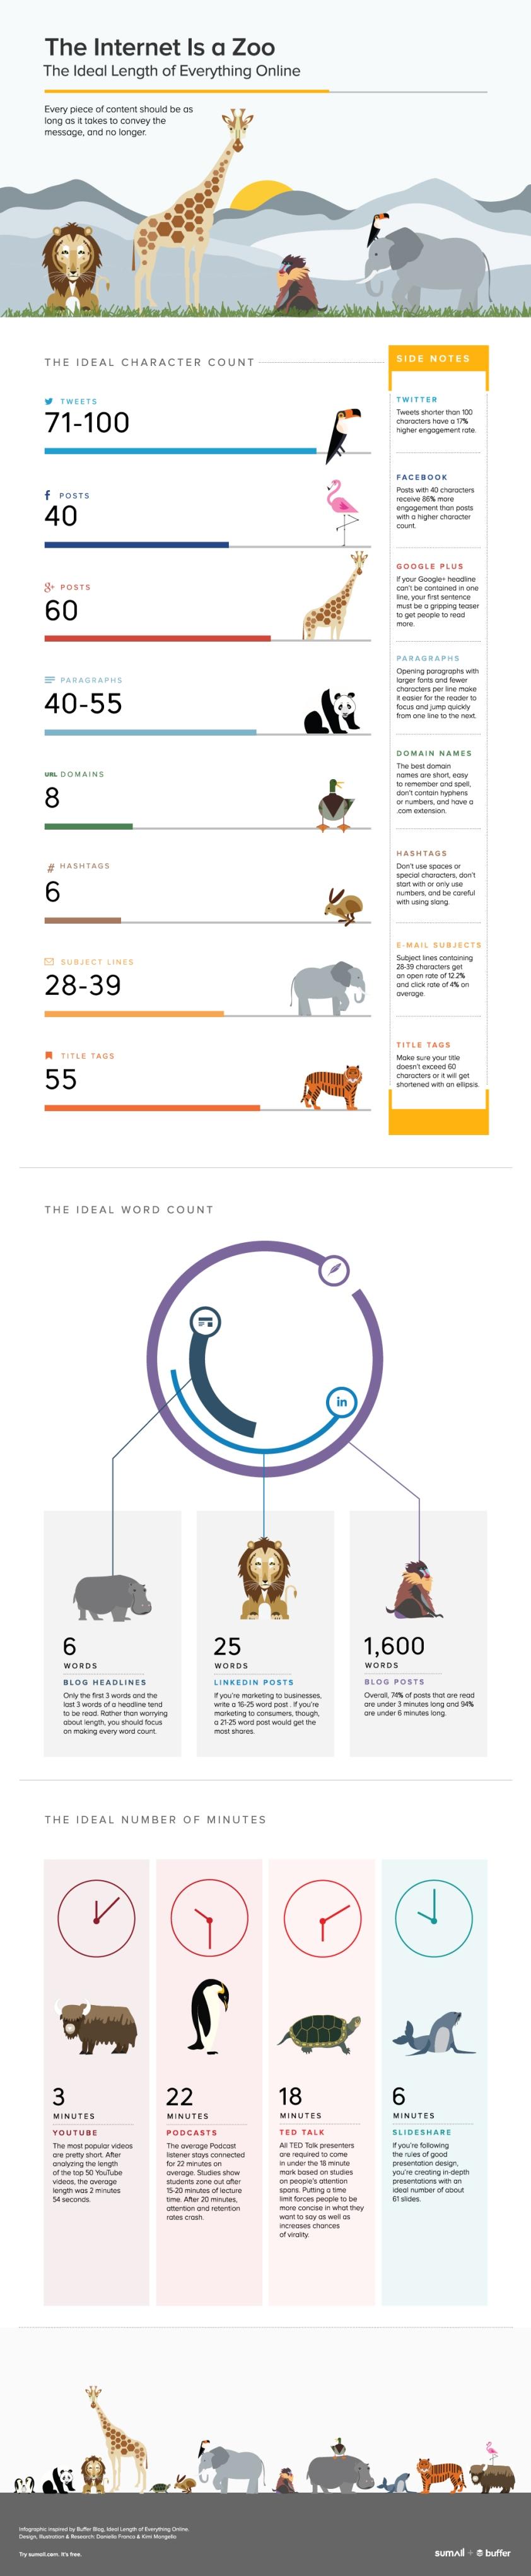 ideal length